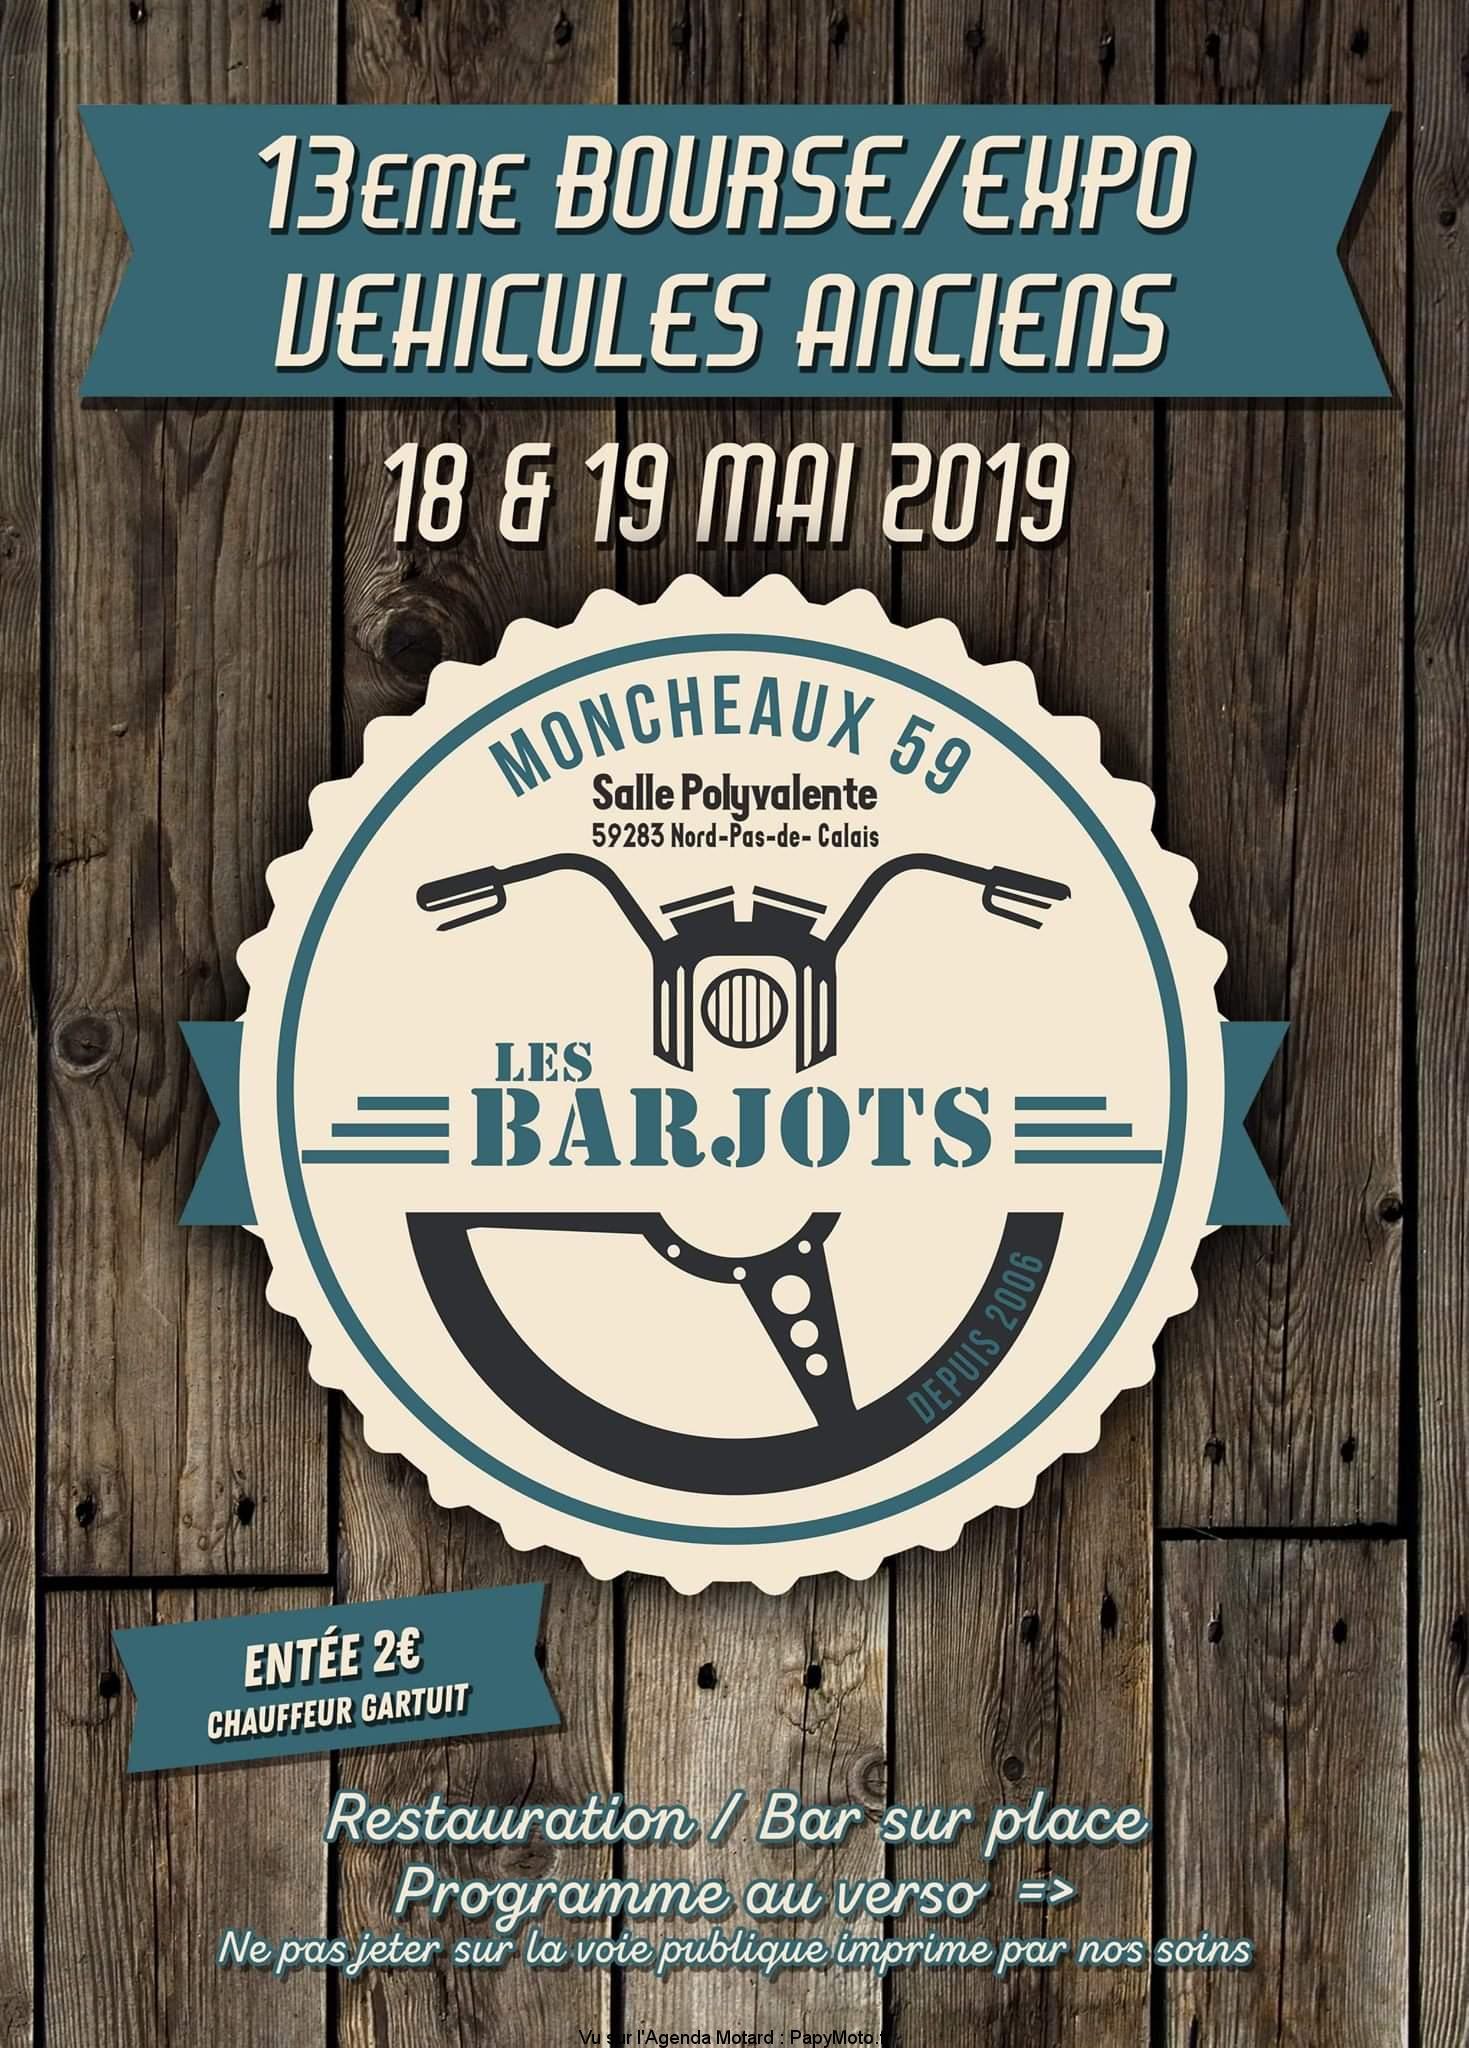 13e Bourse Expo véhicules anciens – Les Barjots – Moncheaux (59)